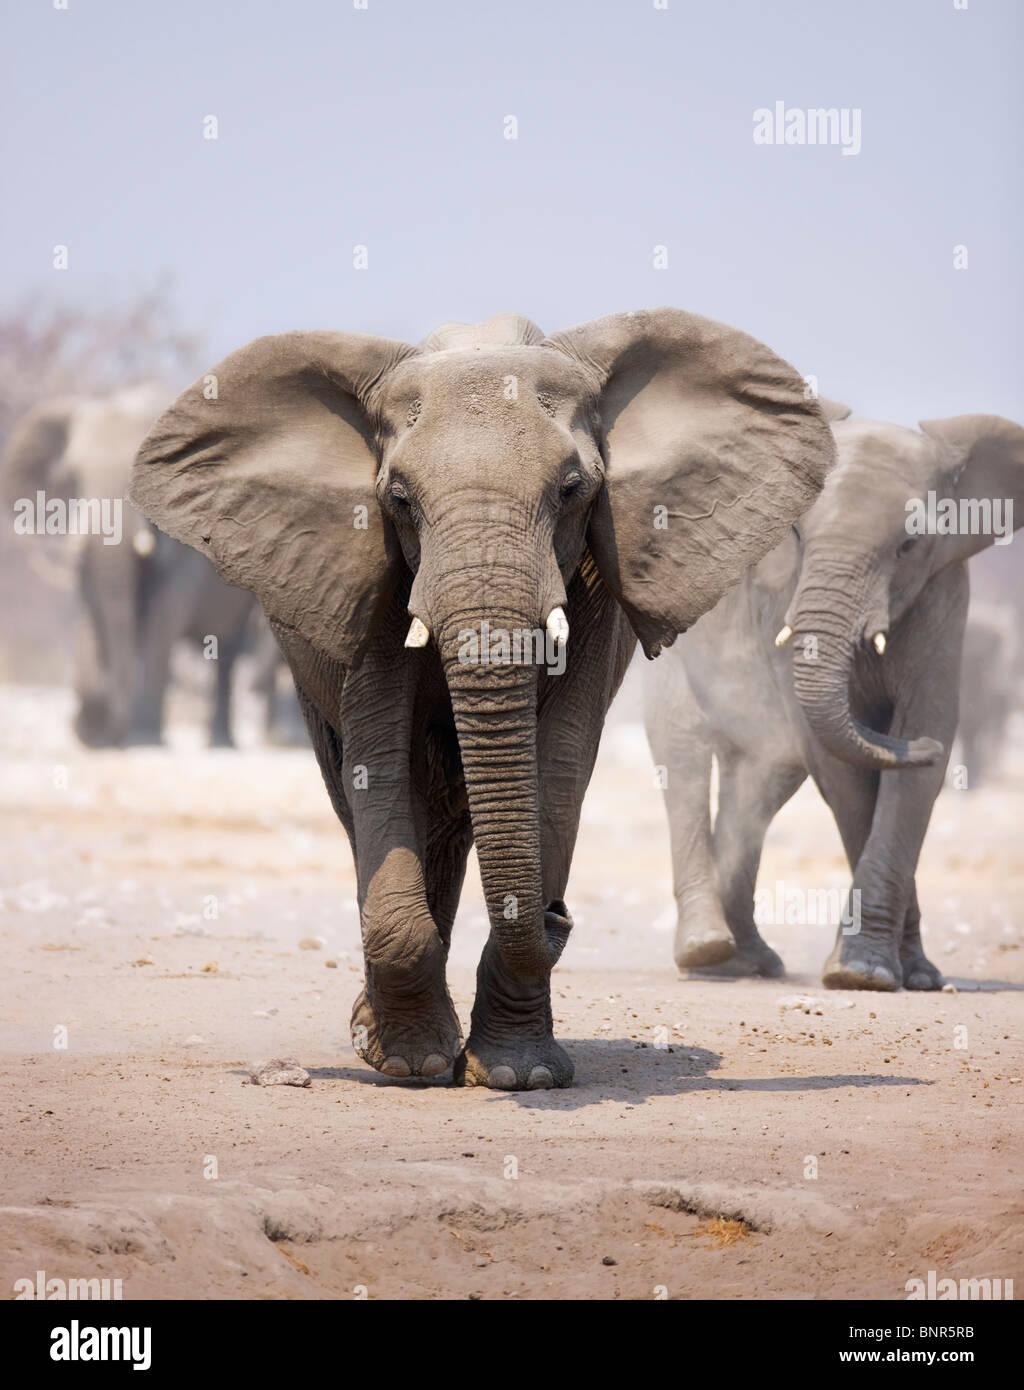 Elephant avvicinando sulla sabbia polverosa con allevamento seguenti in background (Etosha deserto) Immagini Stock